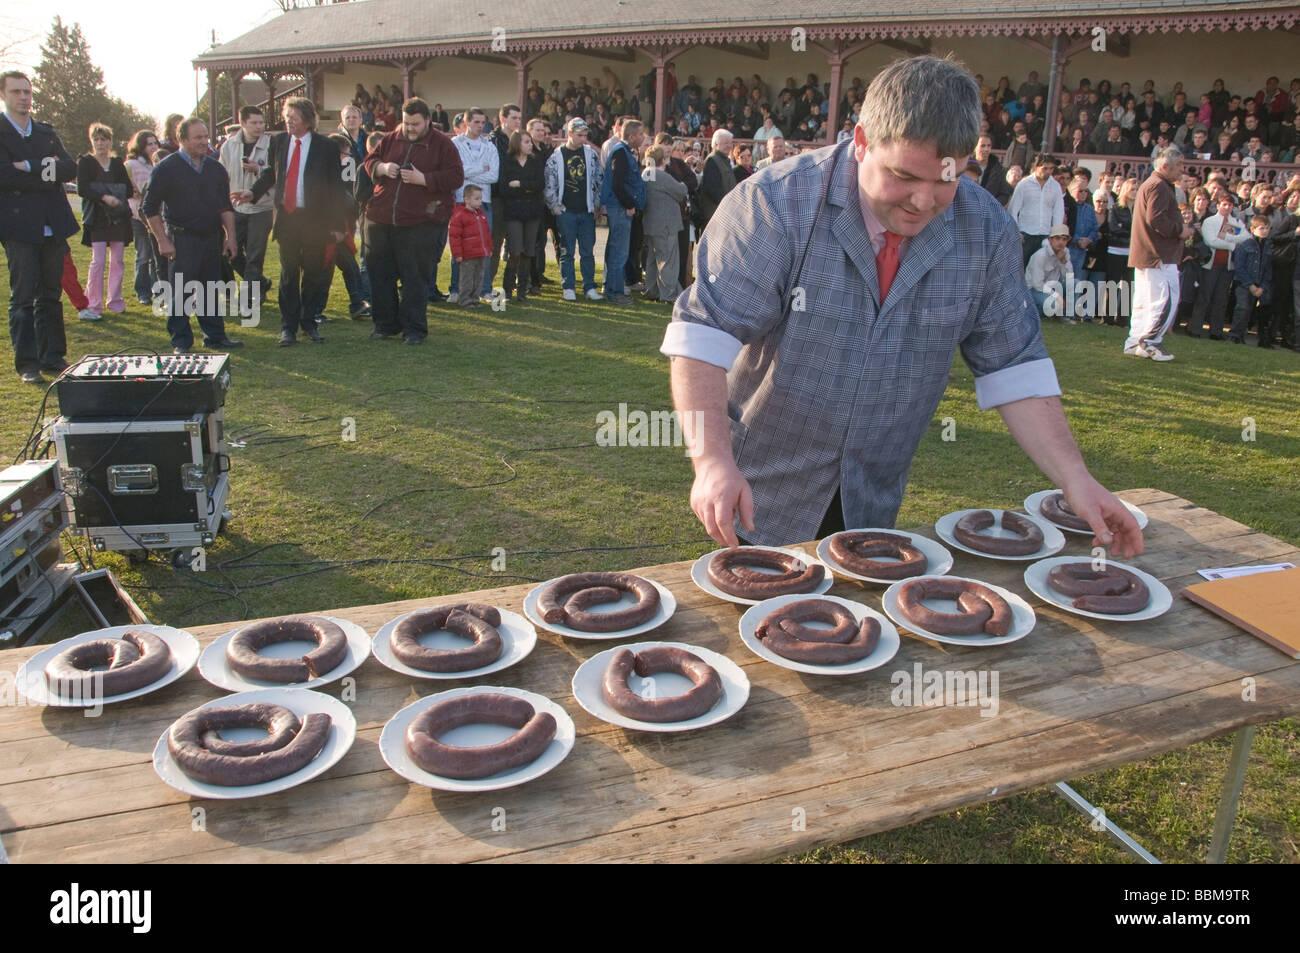 Elk204 CN34 France Mortagne au Perche Normandy boudin eating contest plus gros mangeur de boudin preparation - Stock Image